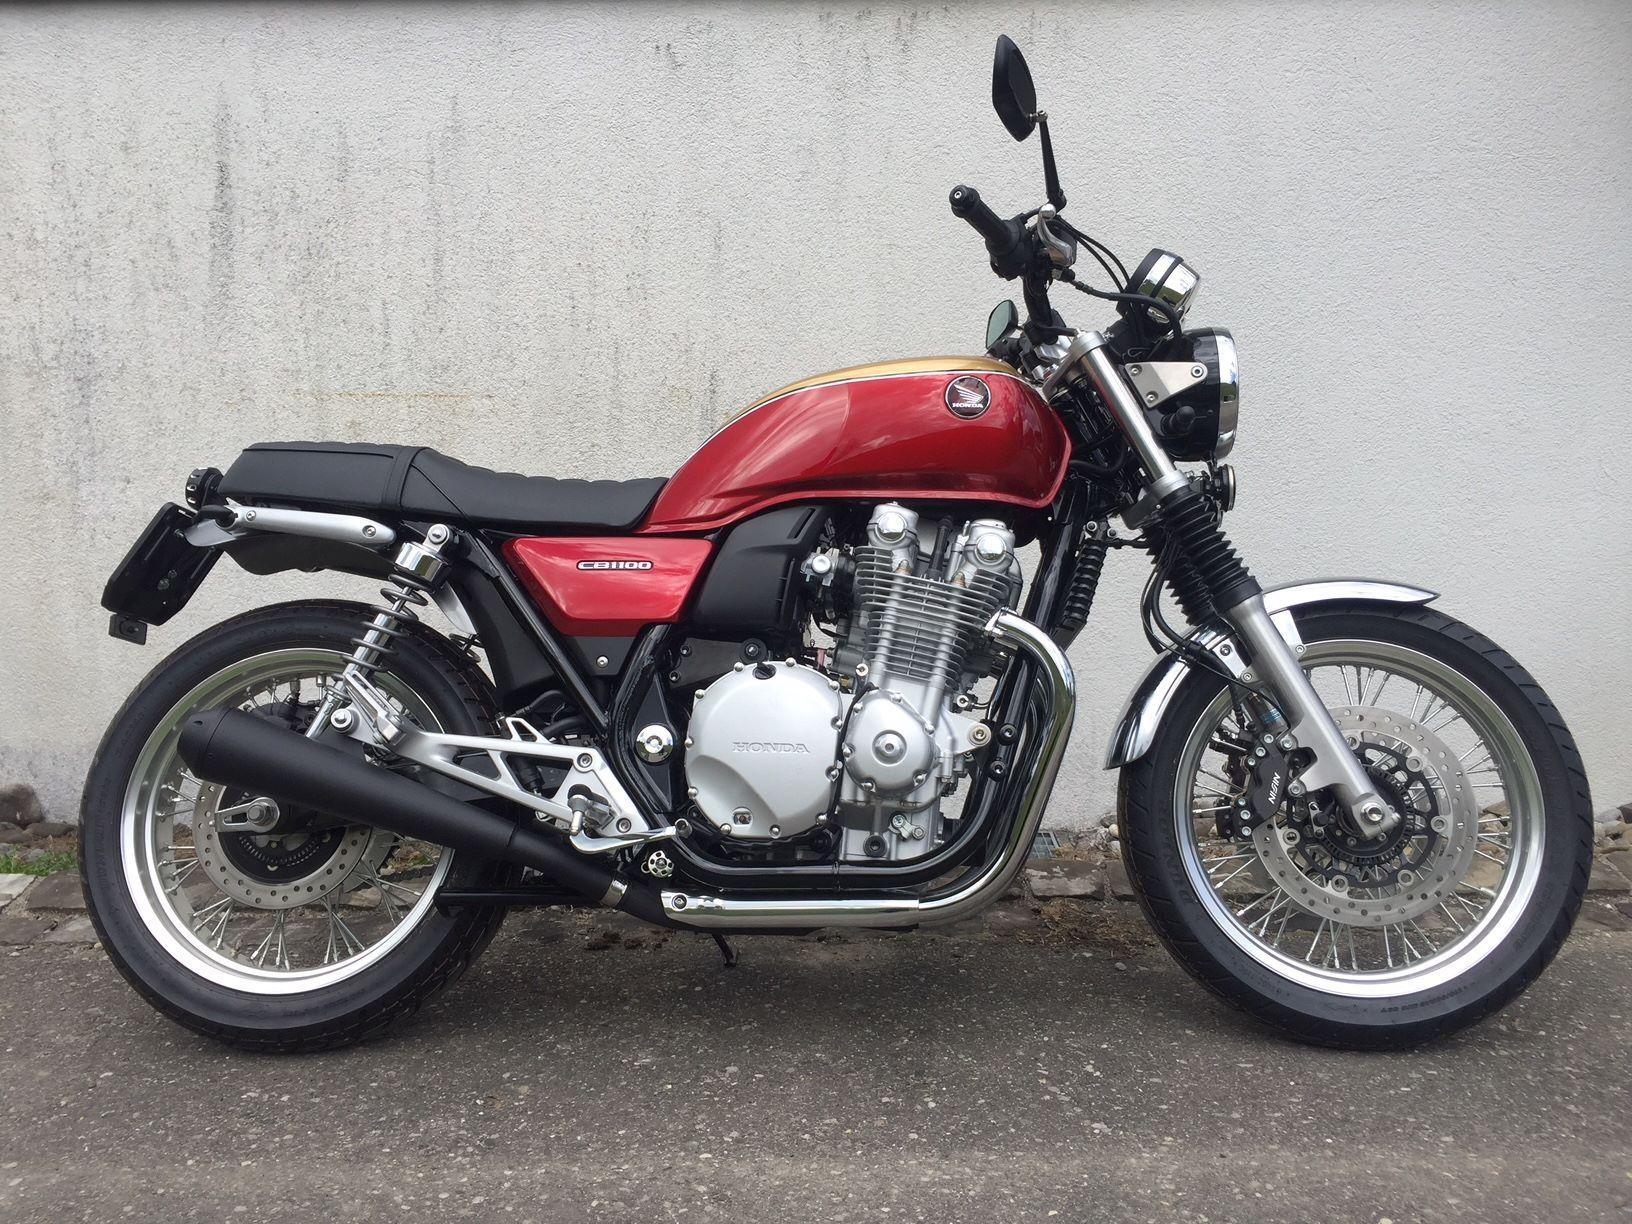 Motorrad Mieten Honda Cb 1100 Sa Abs Limited Edition Honda Keller Gmbh Bauma